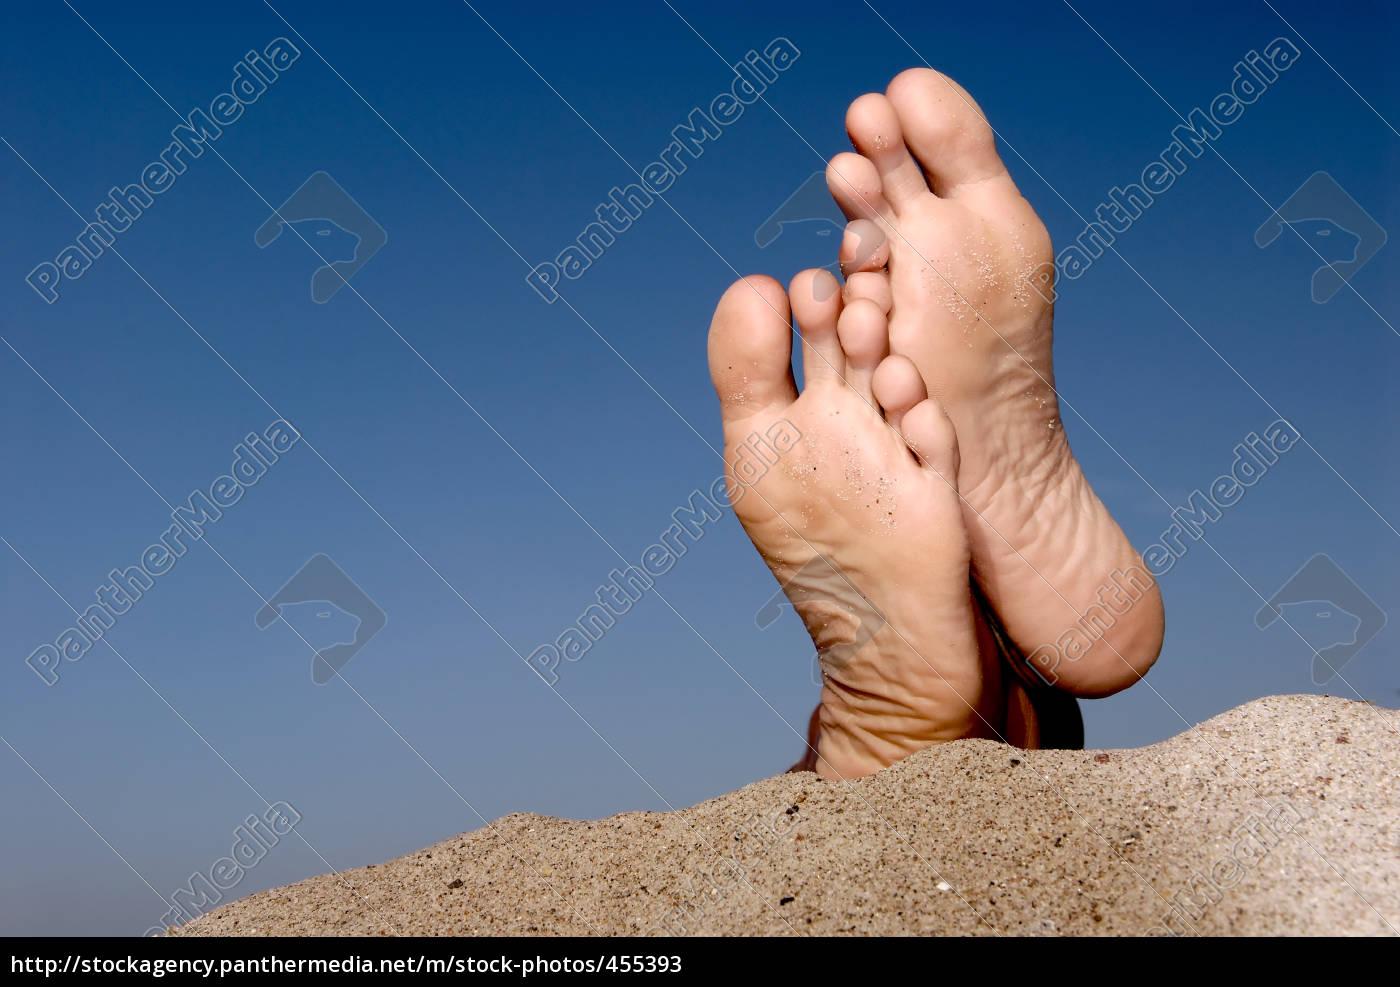 feet, on, the, beach. - 455393